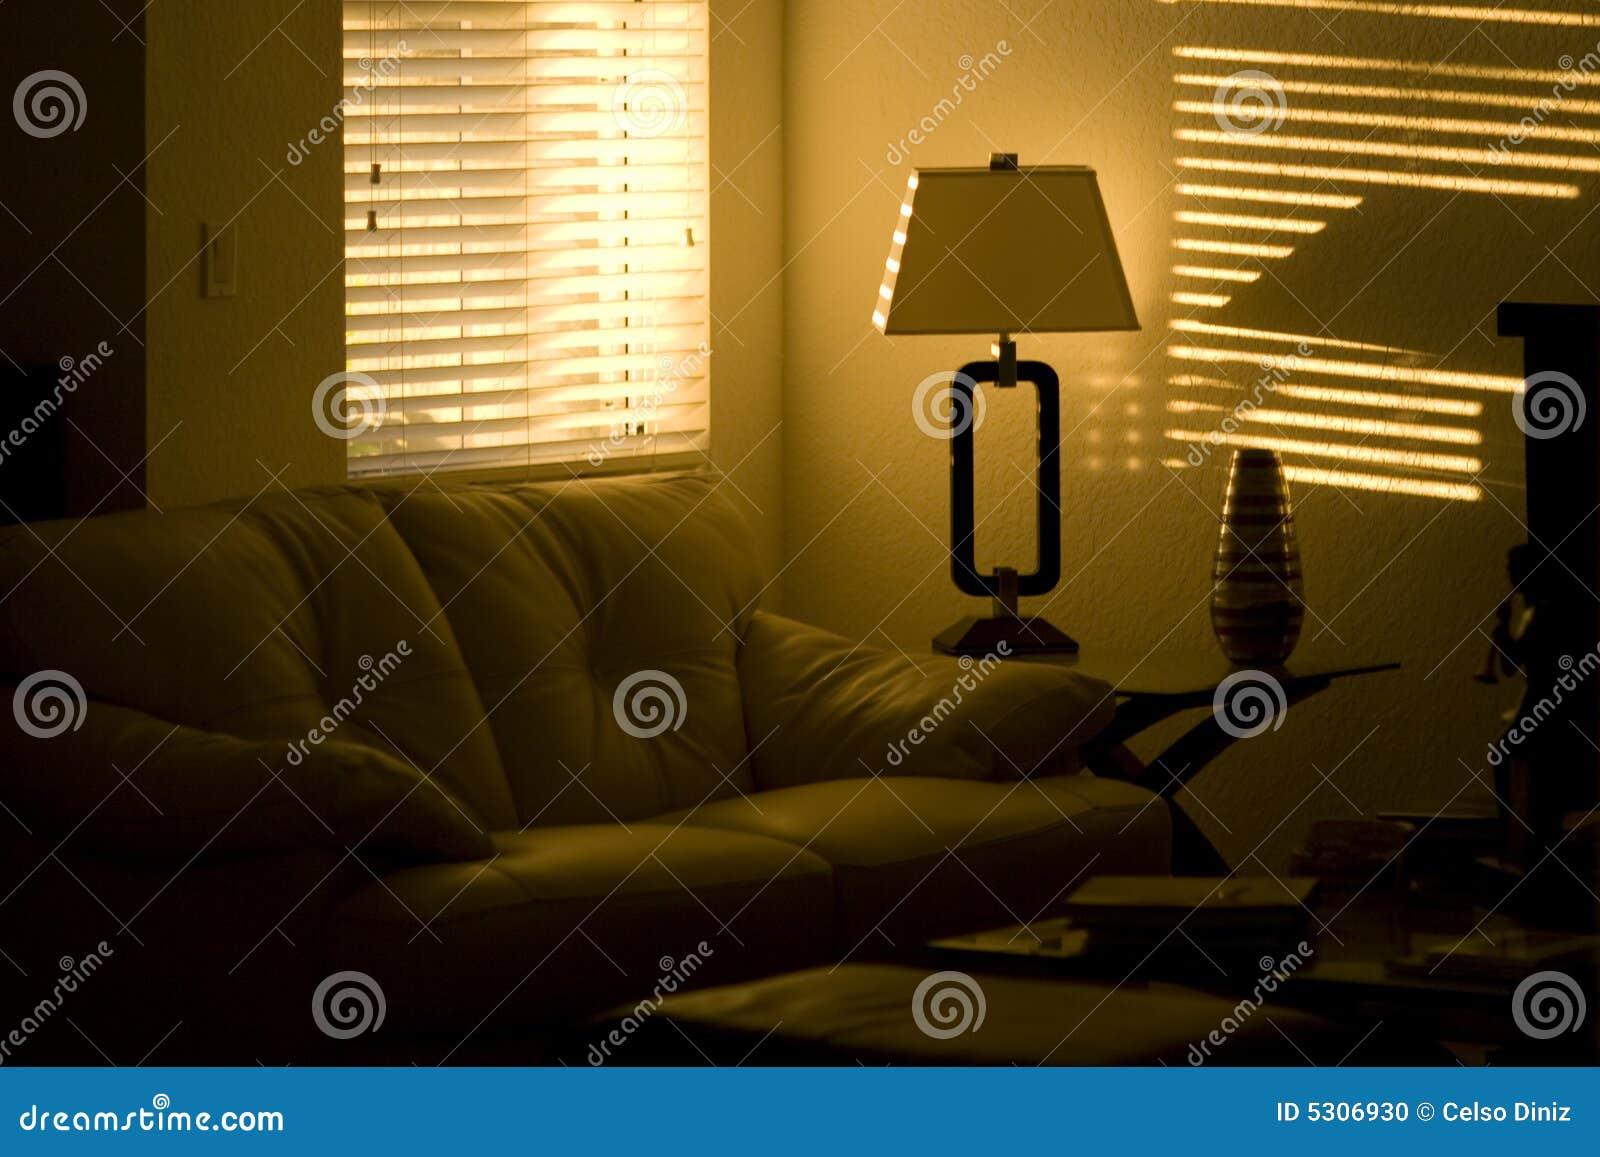 Download Salone fotografia stock. Immagine di dell, lampada, scuro - 5306930